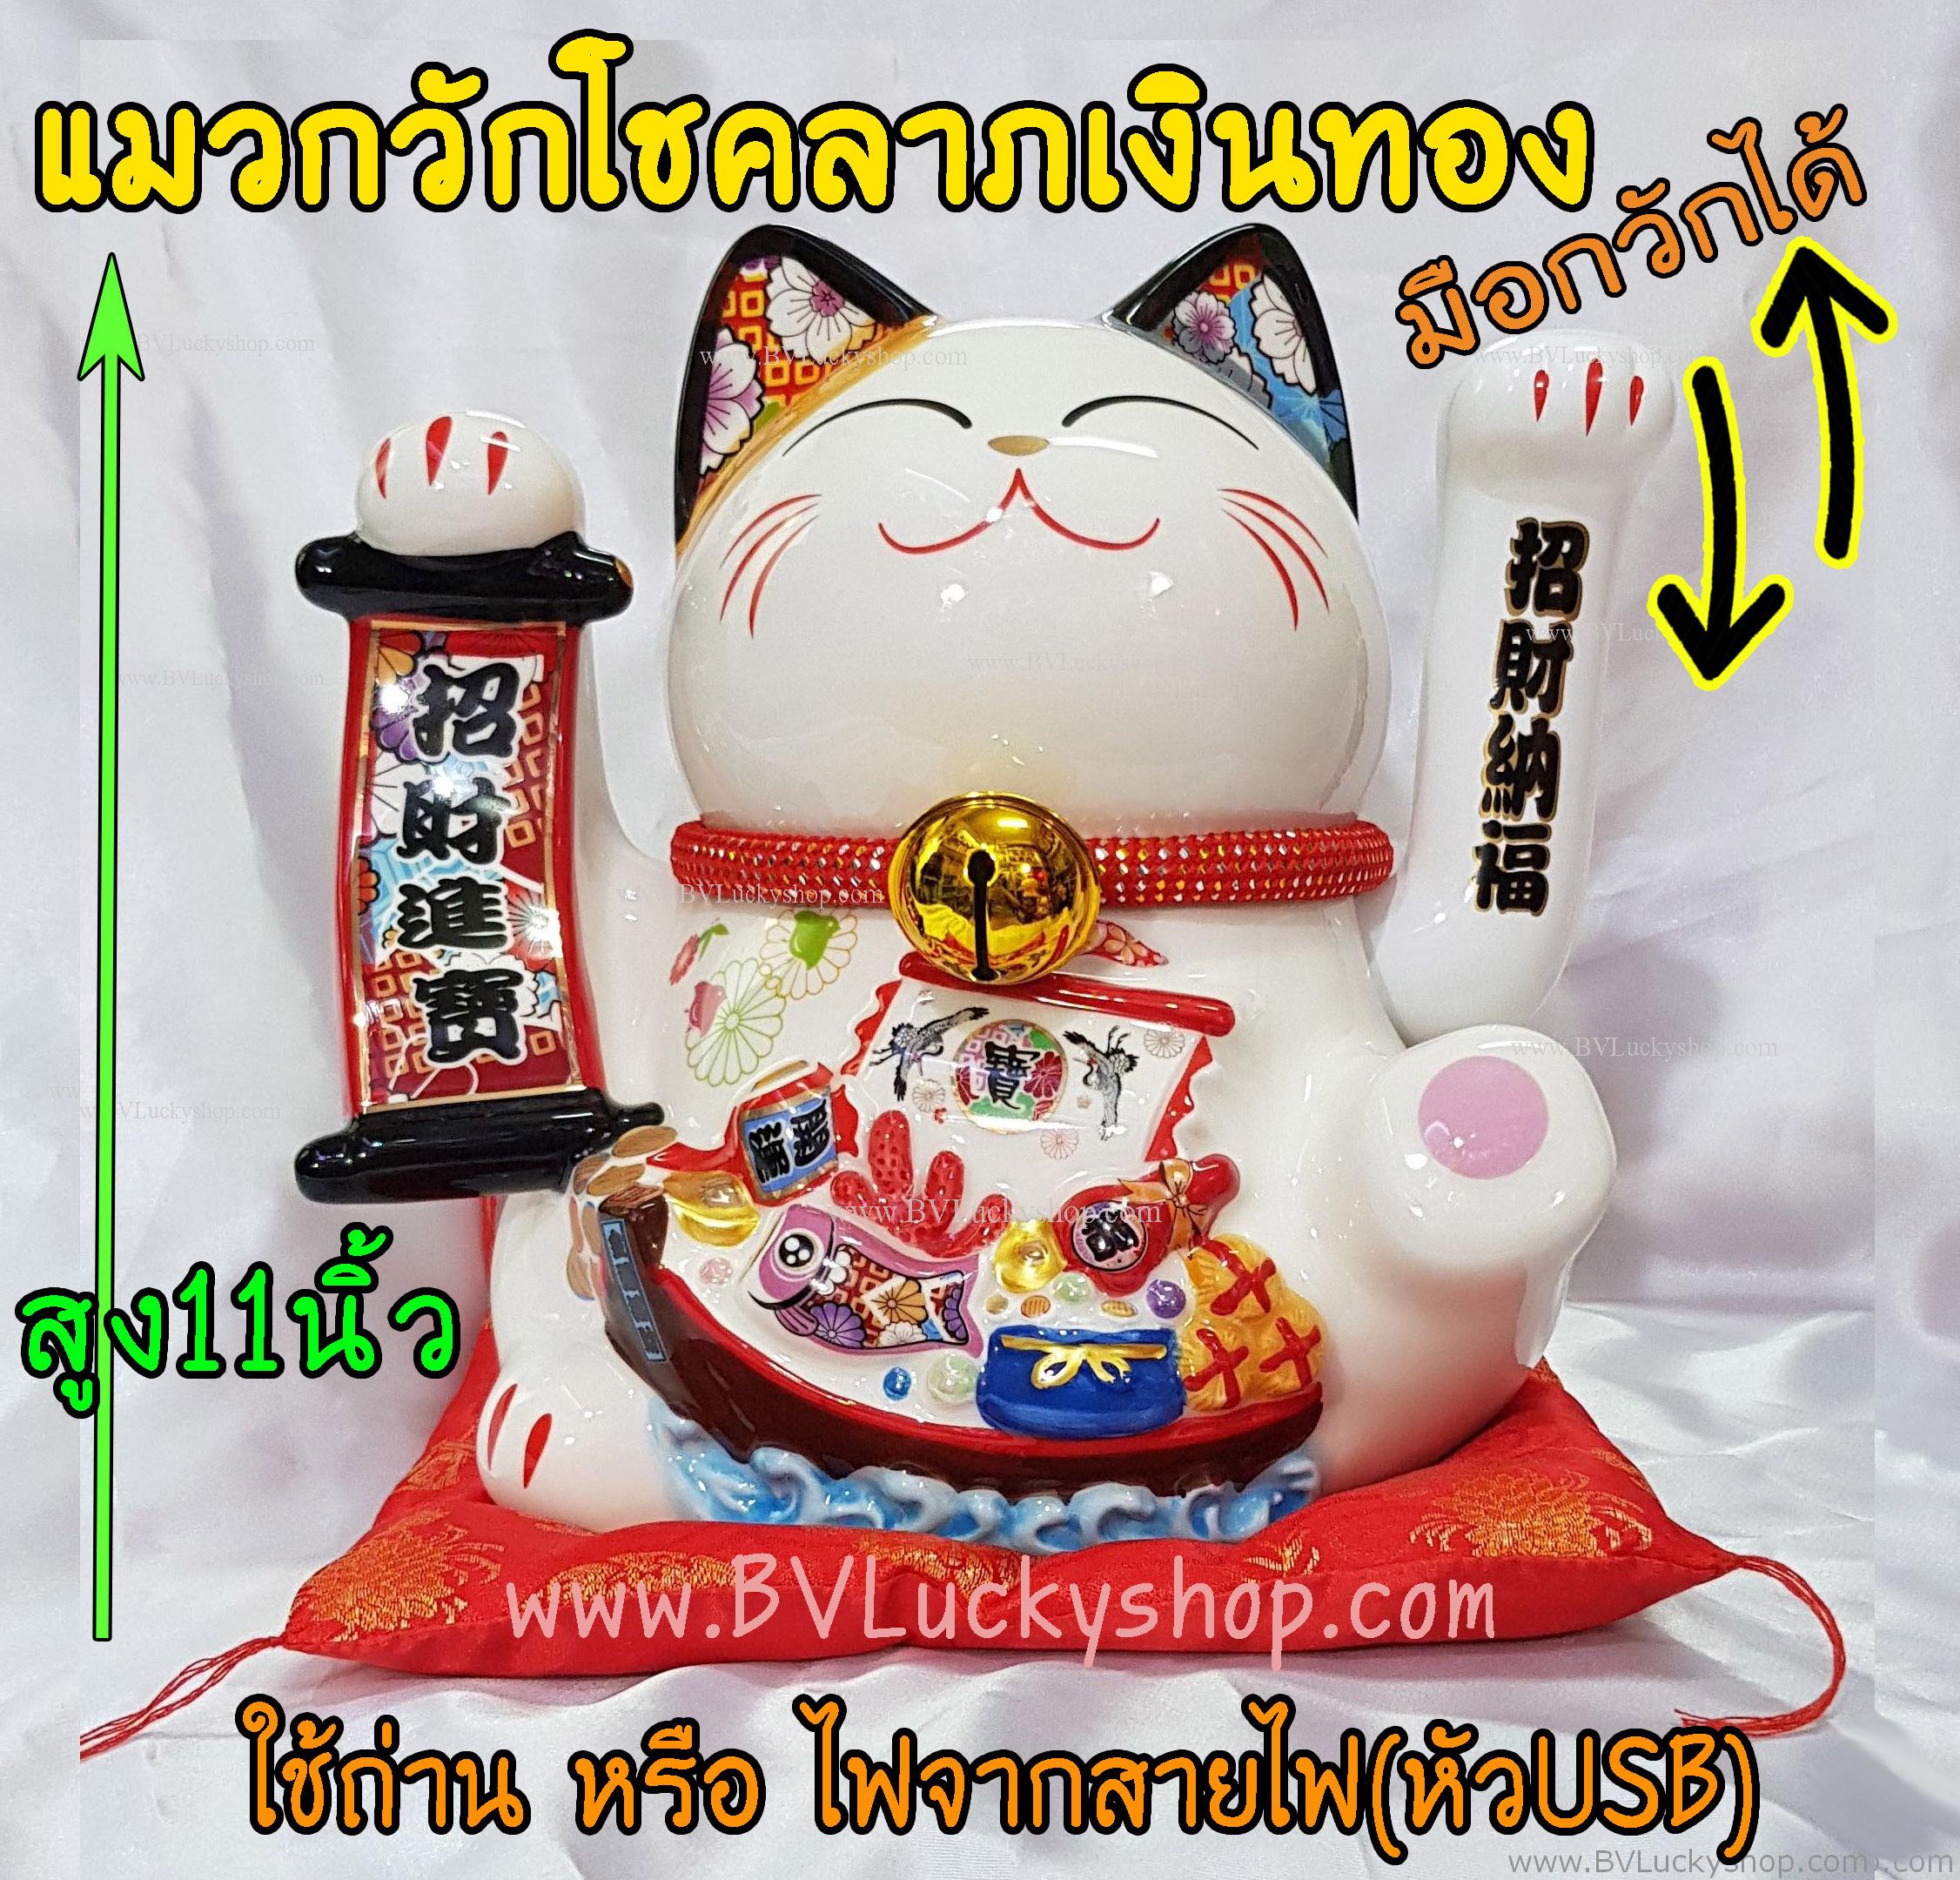 แมวกวัก มือซ้ายกวักได้ สูง นิ้ว ถือป้ายอวยพร [35128] (จัดส่งเฉพาะใน กทม.บางพื้นที่)